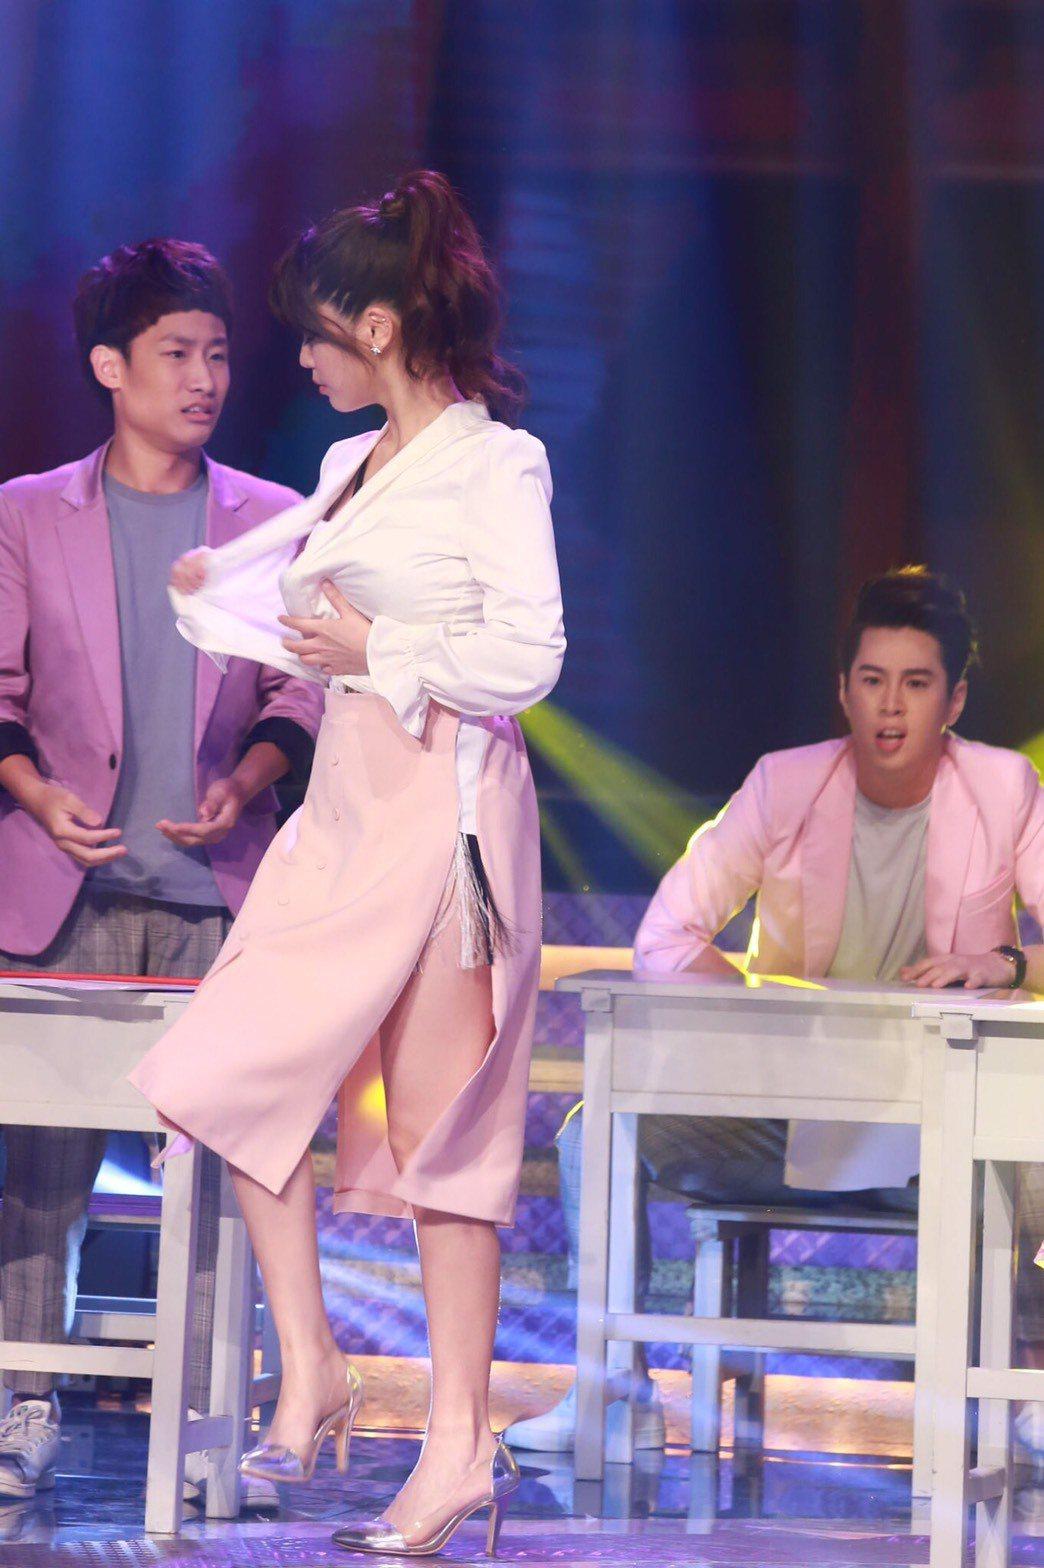 白家綺在民視20週年台慶節目,當場扒衣服超火辣。圖/民視提供